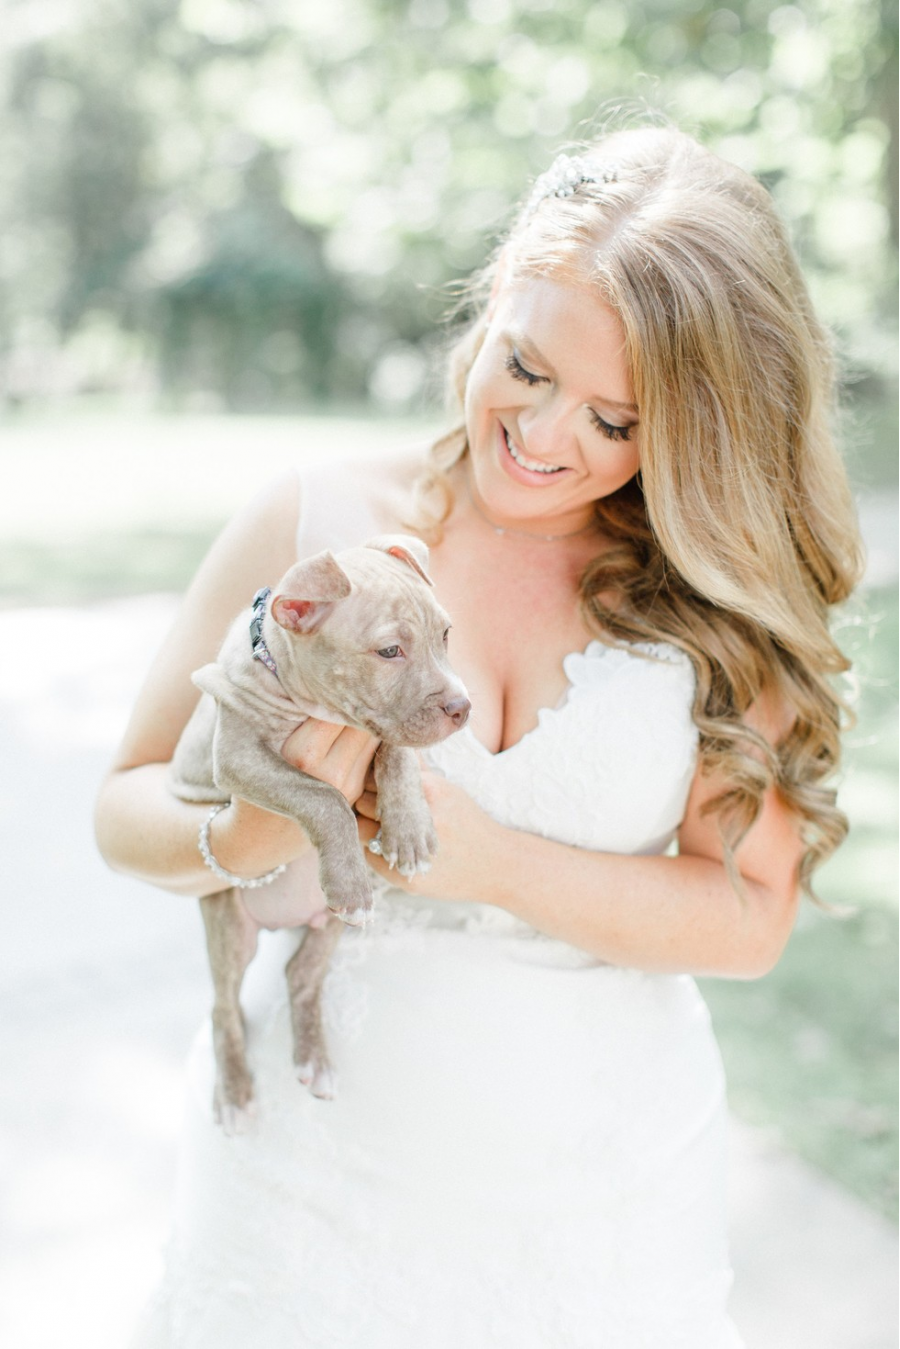 Cum arata imaginile de la nunta unui cuplu iubitor de animale? - Poza 3